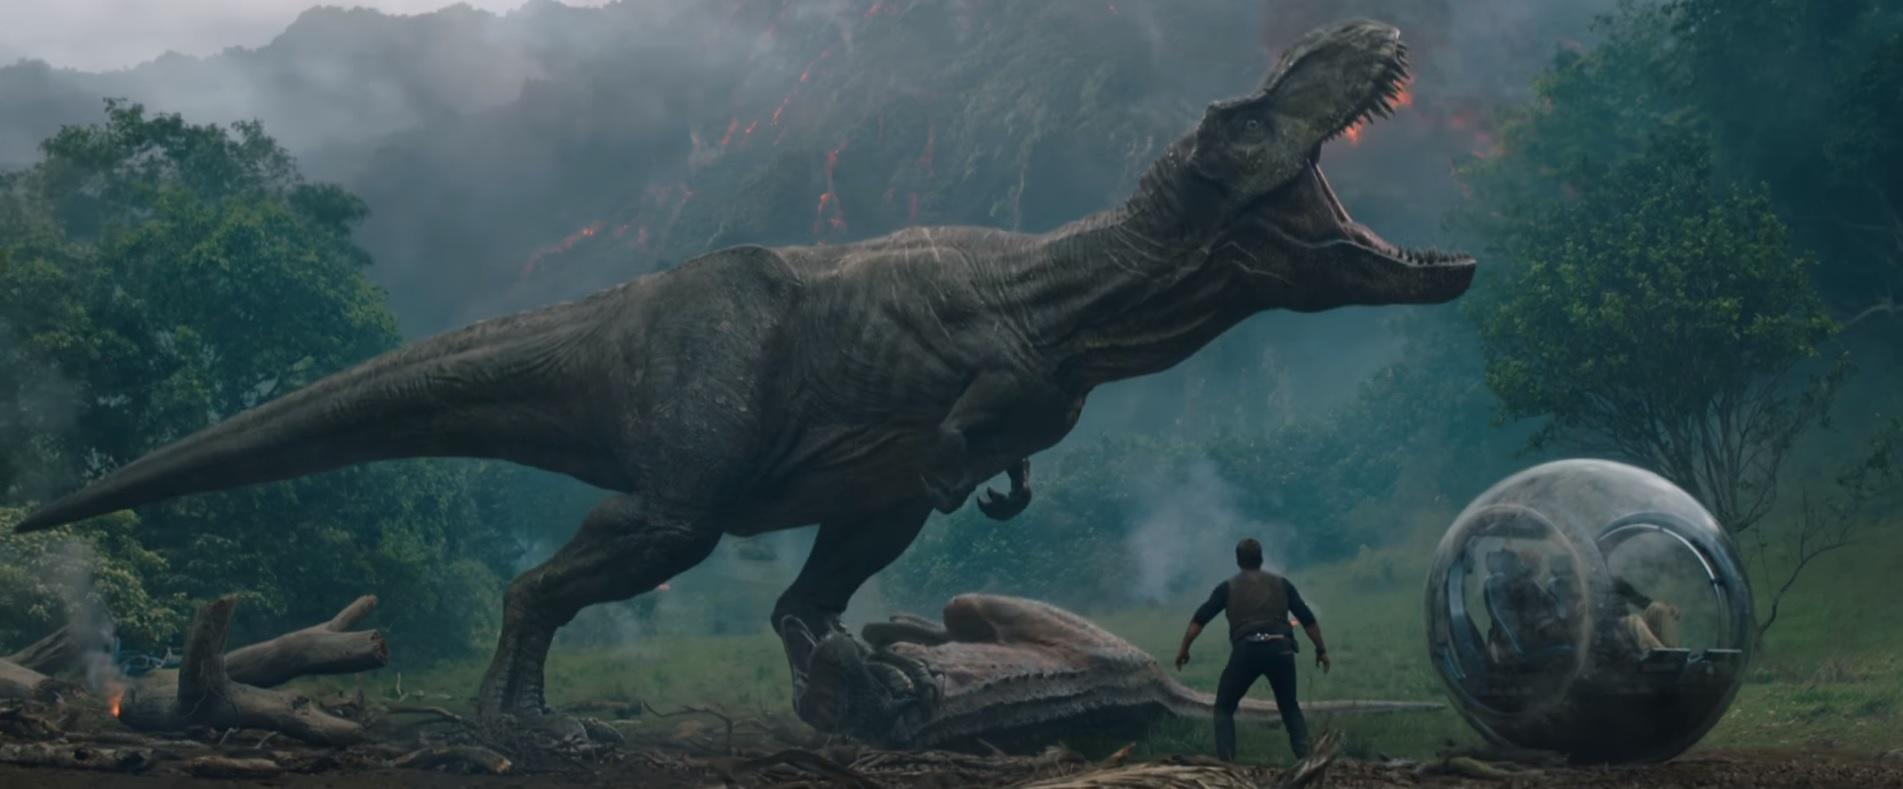 Itt az első előzetes a Jurassic World folytatásához